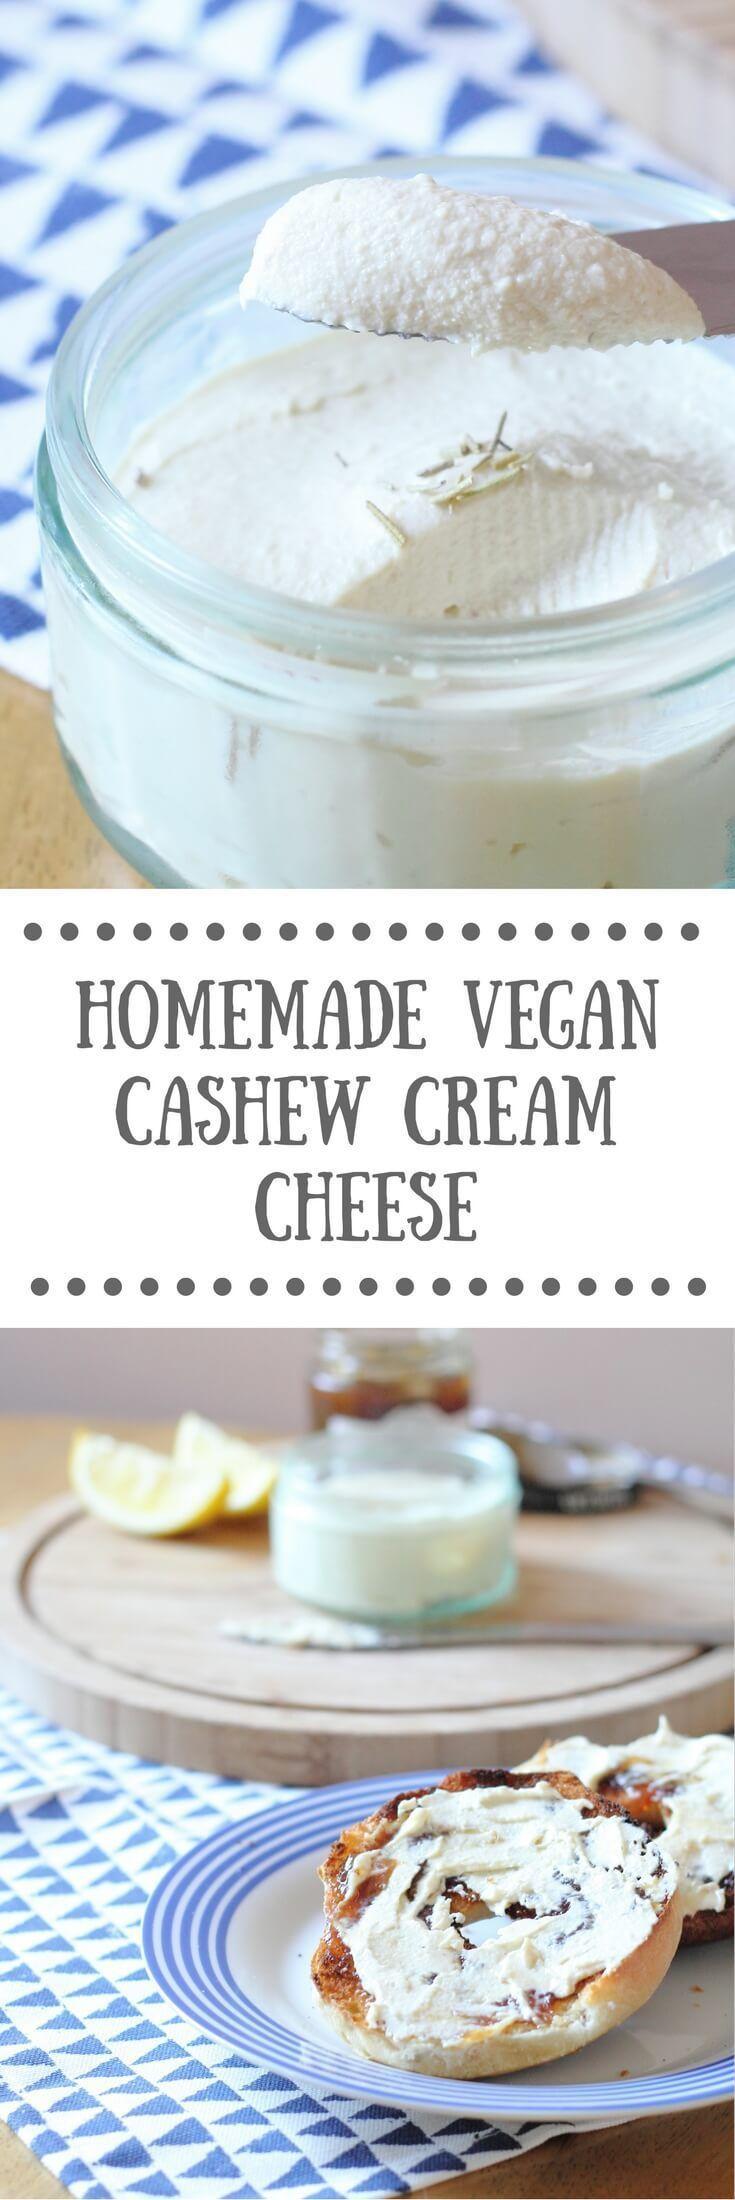 Homemade Vegan Cashew Cream Cheese - Vegan Recipe Read more in: http://natureandhealth.net/